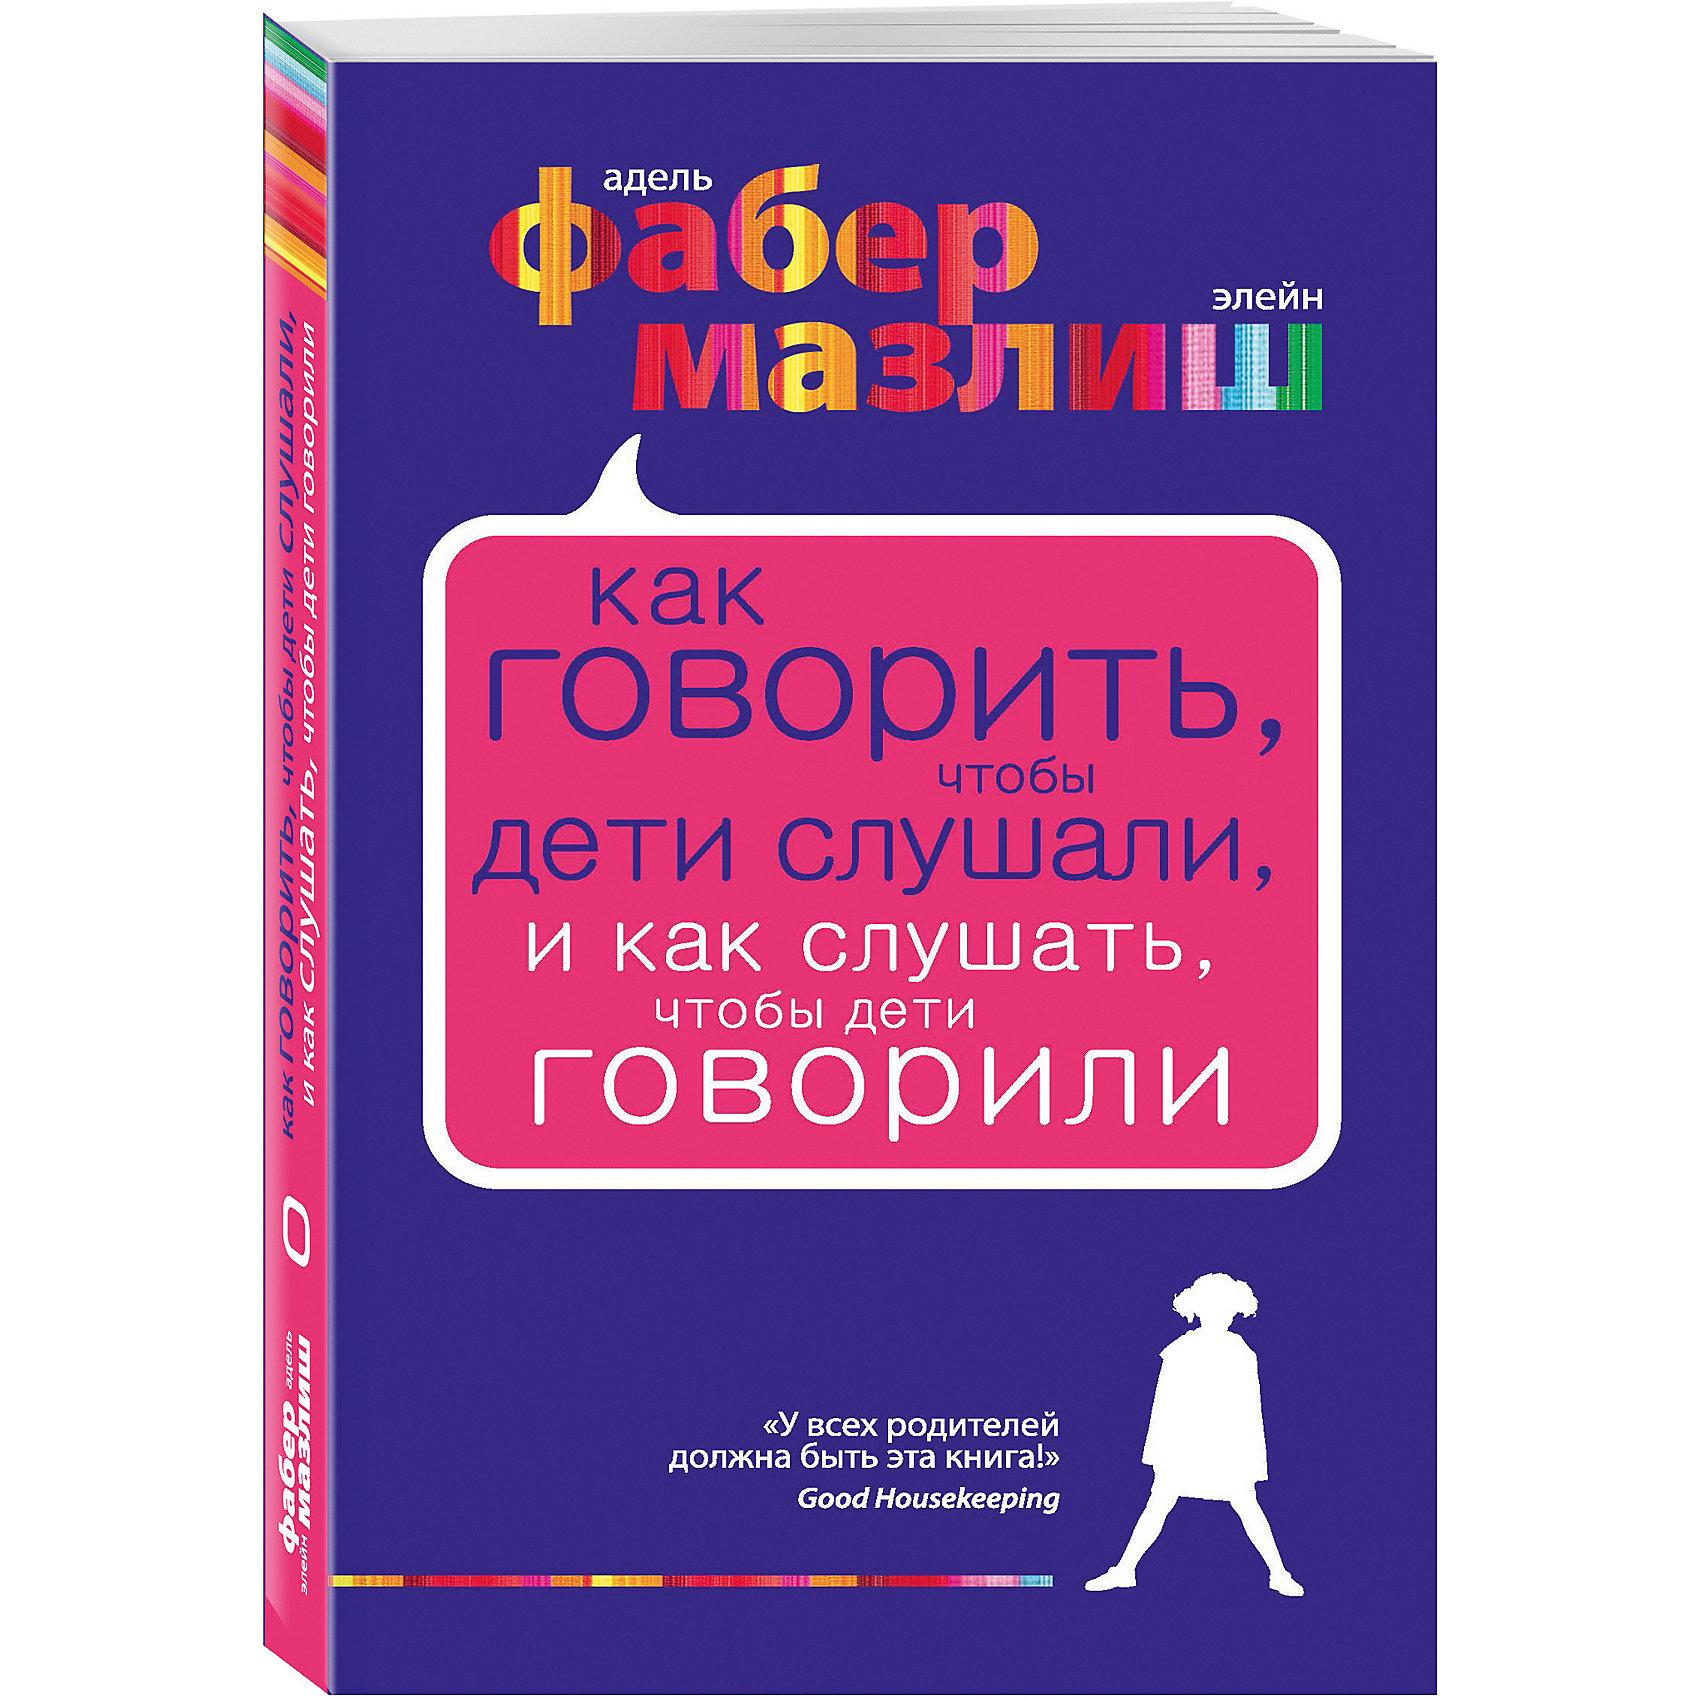 Как говорить, чтобы дети слушали, и как слушать, чтобы дети говорили, Фабер МазлишДетская психология и здоровье<br>Книга Как говорить, чтобы дети слушали, и как слушать, чтобы дети говорили, ЭКСМО – разумное, понятное, хорошо и с юмором написанное руководство о том, как правильно общаться с детьми (от дошкольников до подростков). <br><br>Авторы - всемирно известные специалисты в области отношений родителей с детьми - делятся с читателем, как своим собственным опытом, так и опытом многочисленных родителей, посещавших их семинары. Основные разделы книги: Помогаем детям справиться со своими чувствами, Учимся взаимодействовать, Альтернатива наказанию, Поощрение самостоятельности, Как правильно хвалить, Освобождаем детей от ролей, Всё вместе.<br><br>Дополнительная информация:<br>-авторы: Фабер Адель, Мазлиш Элейн<br>-иллюстрации: черно-белые<br>-количество страниц: 336<br>-формат: 84x108/32 (130х200 мм)<br>-переплет: мягкий<br><br>Книга будет интересна всем, кто хочет прийти к полному взаимопониманию с детьми и навсегда прекратить конфликты поколений. <br><br>Книгу Как говорить, чтобы дети слушали, и как слушать, чтобы дети говорили, ЭКСМО можно купить в нашем магазине.<br><br>Ширина мм: 200<br>Глубина мм: 125<br>Высота мм: 13<br>Вес г: 348<br>Возраст от месяцев: 216<br>Возраст до месяцев: 480<br>Пол: Унисекс<br>Возраст: Детский<br>SKU: 3665217